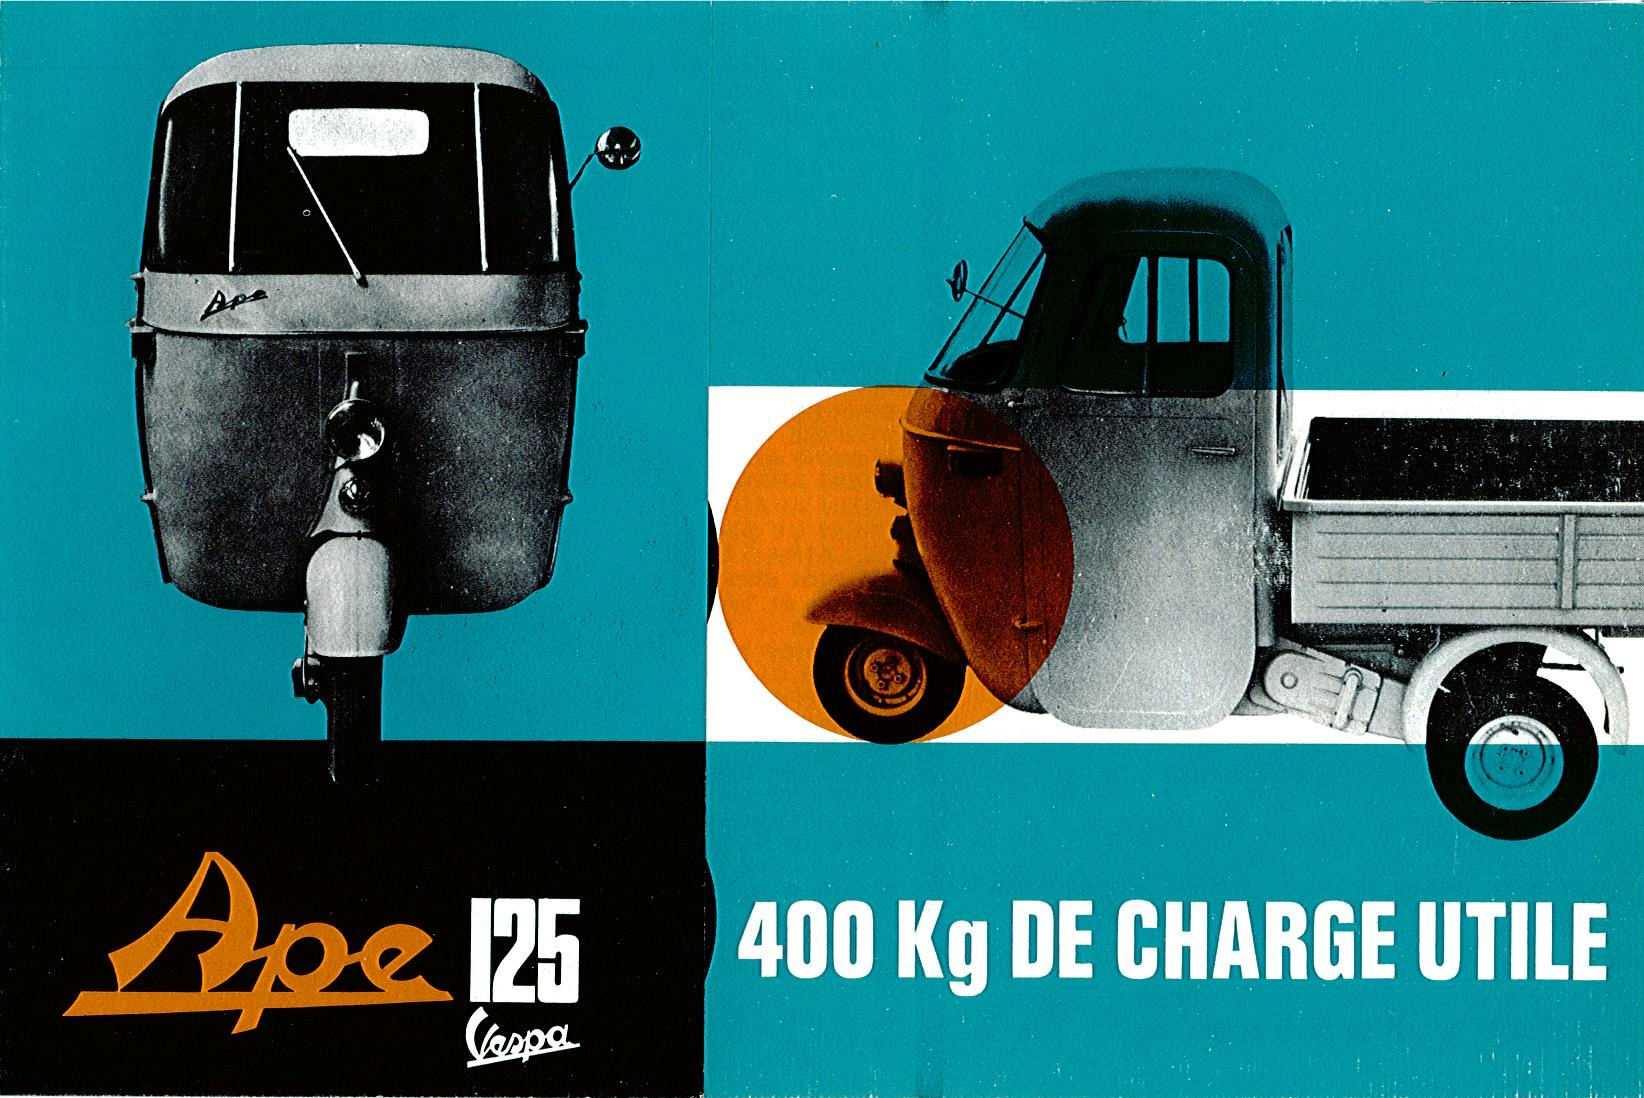 Piaggio Ape EO 125 France